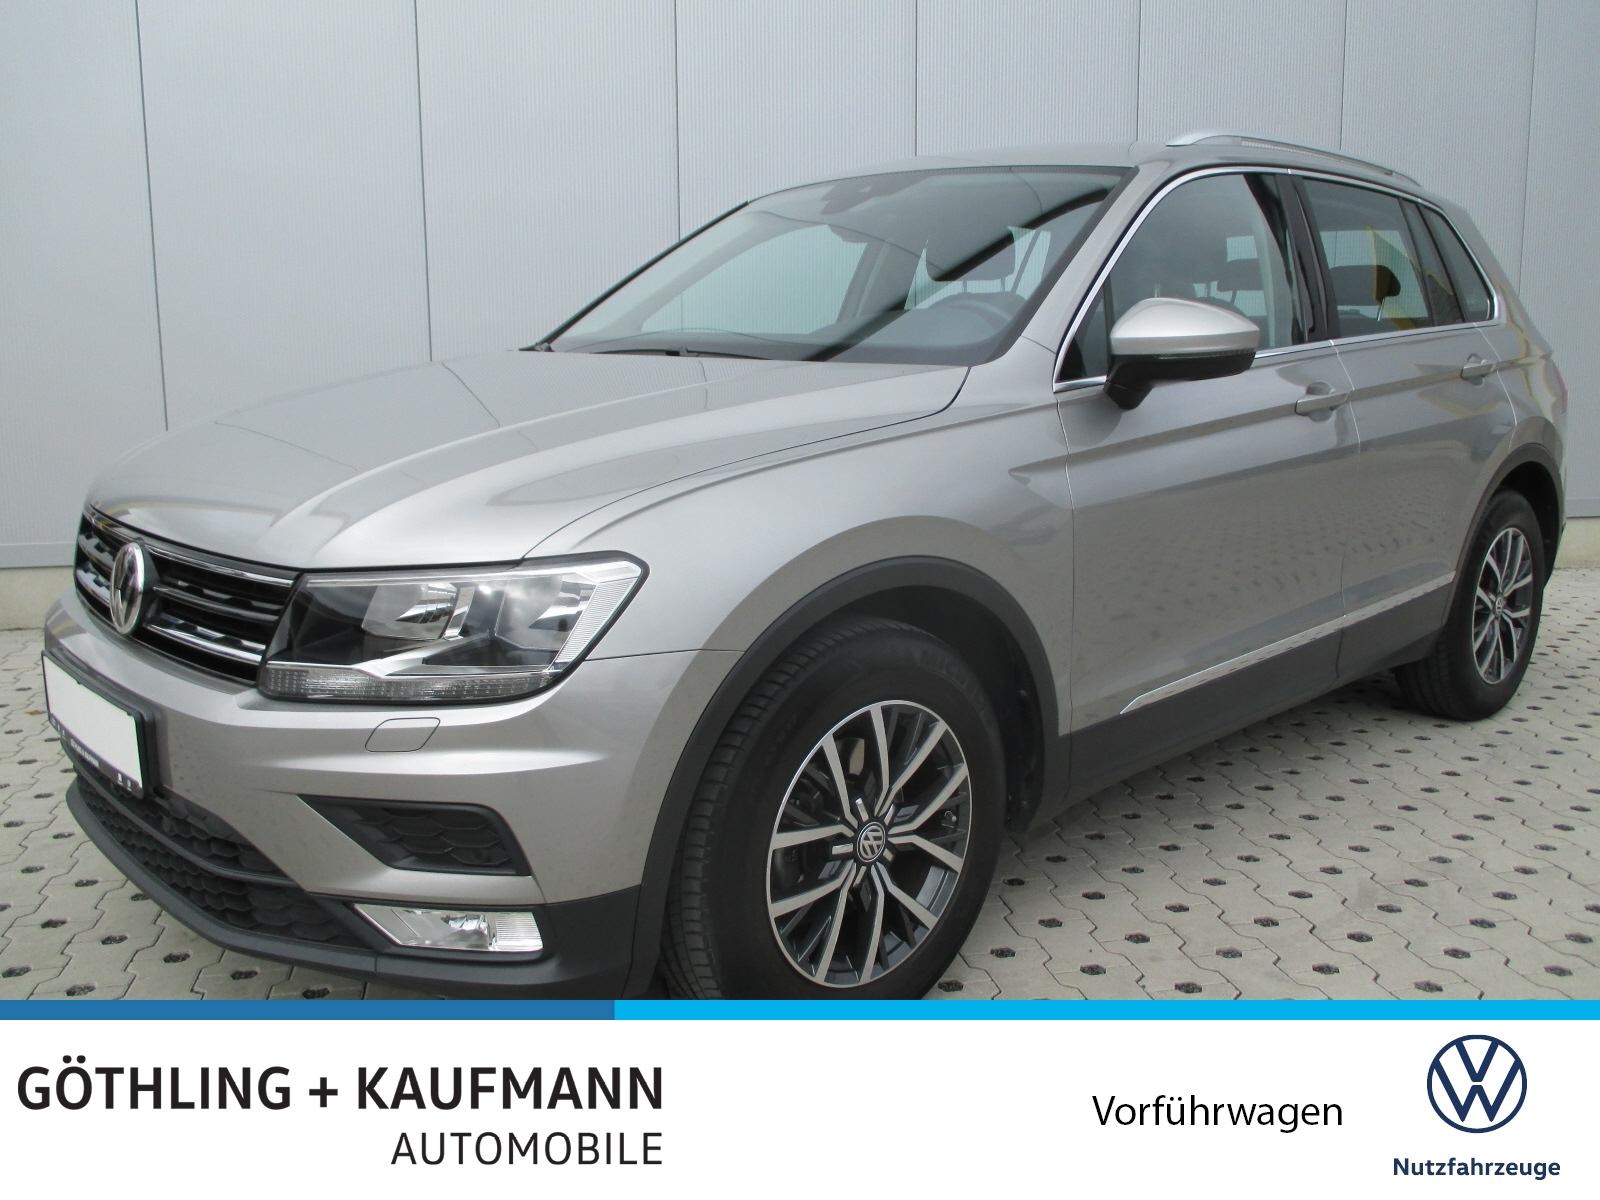 Volkswagen Tiguan 1.4 TSI ACT Comfortline 110kW*ACC*Kamera*, Jahr 2016, Benzin